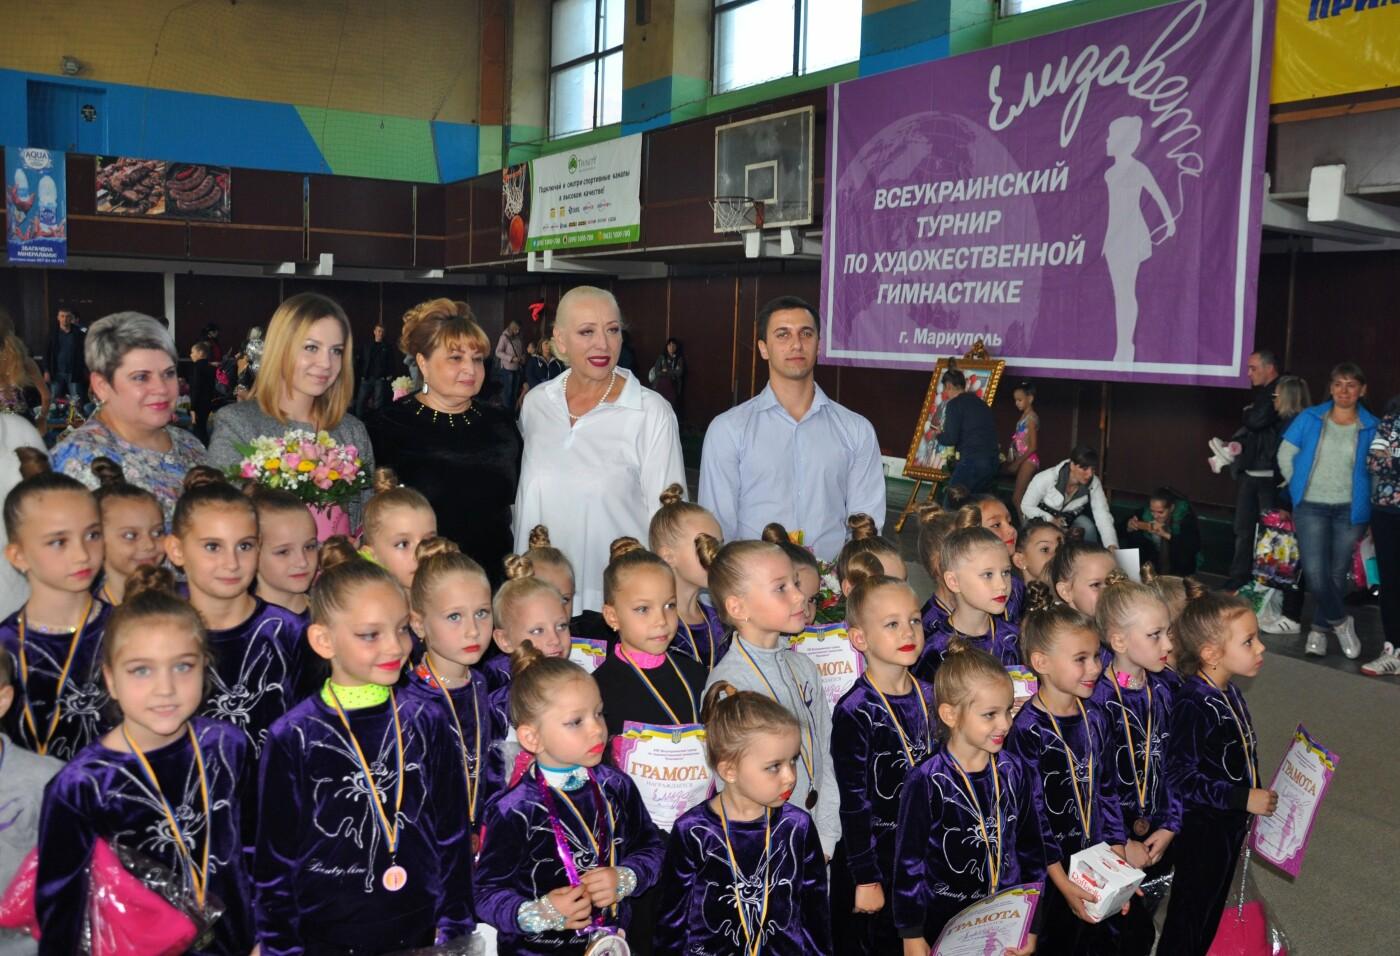 Мариупольцев приглашают на 9-й турнир по художественной гимнастике «Елизавета», фото-30